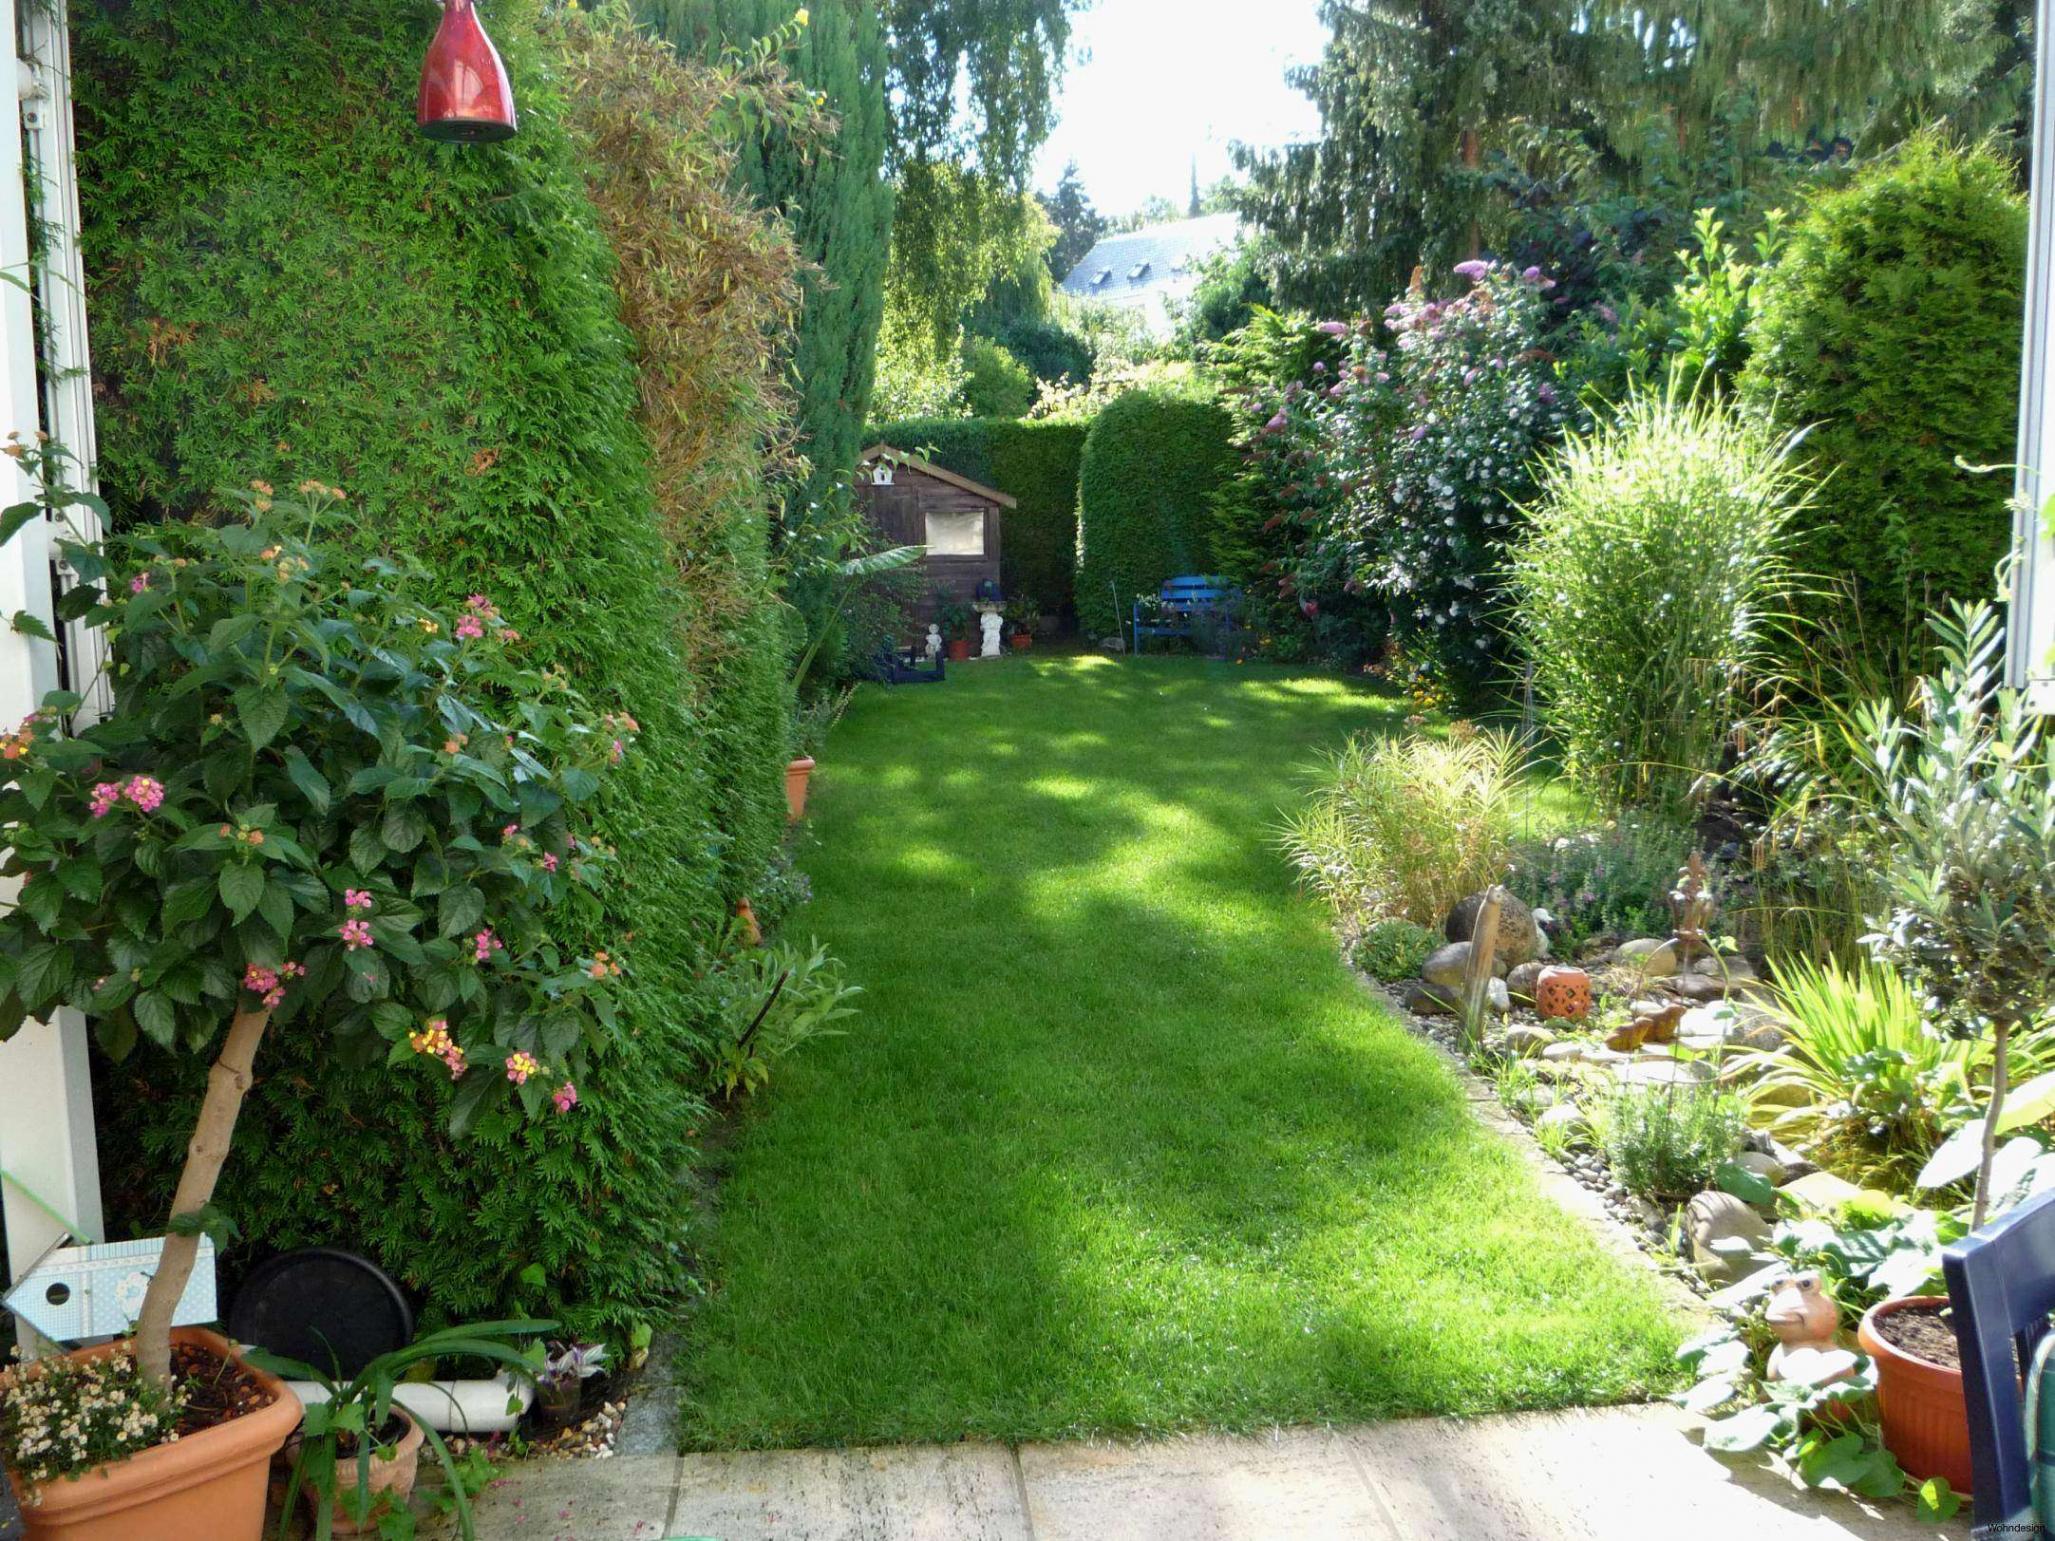 Gartengestaltung Ideen Günstig Elegant Weißer Garten Pflanzplan — Temobardz Home Blog